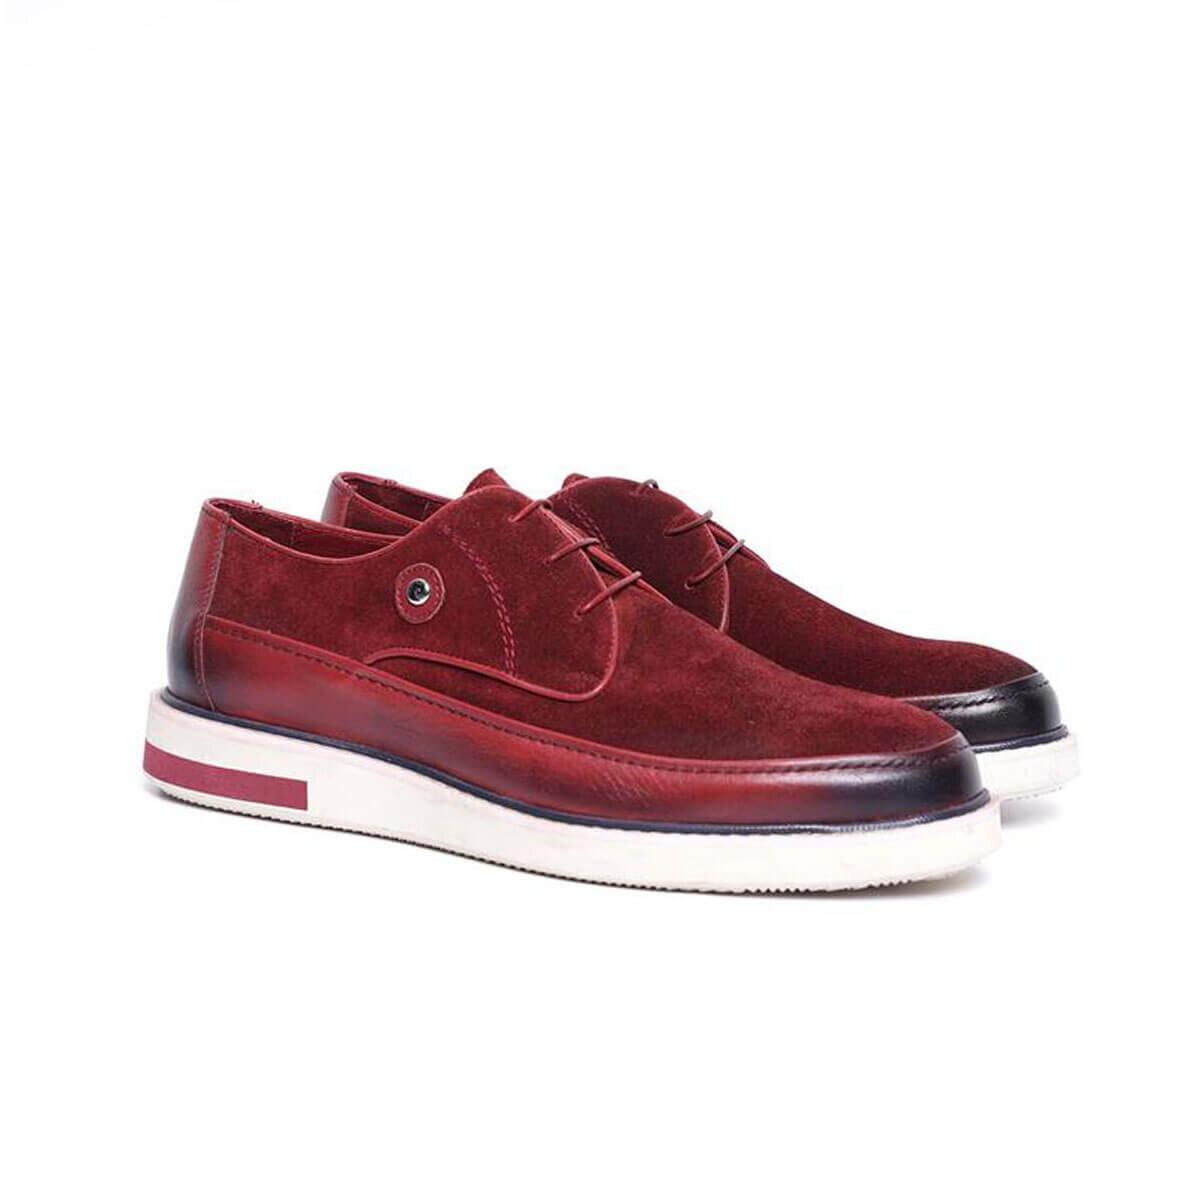 BORDO Erkek Ayakkabı 332279D-5